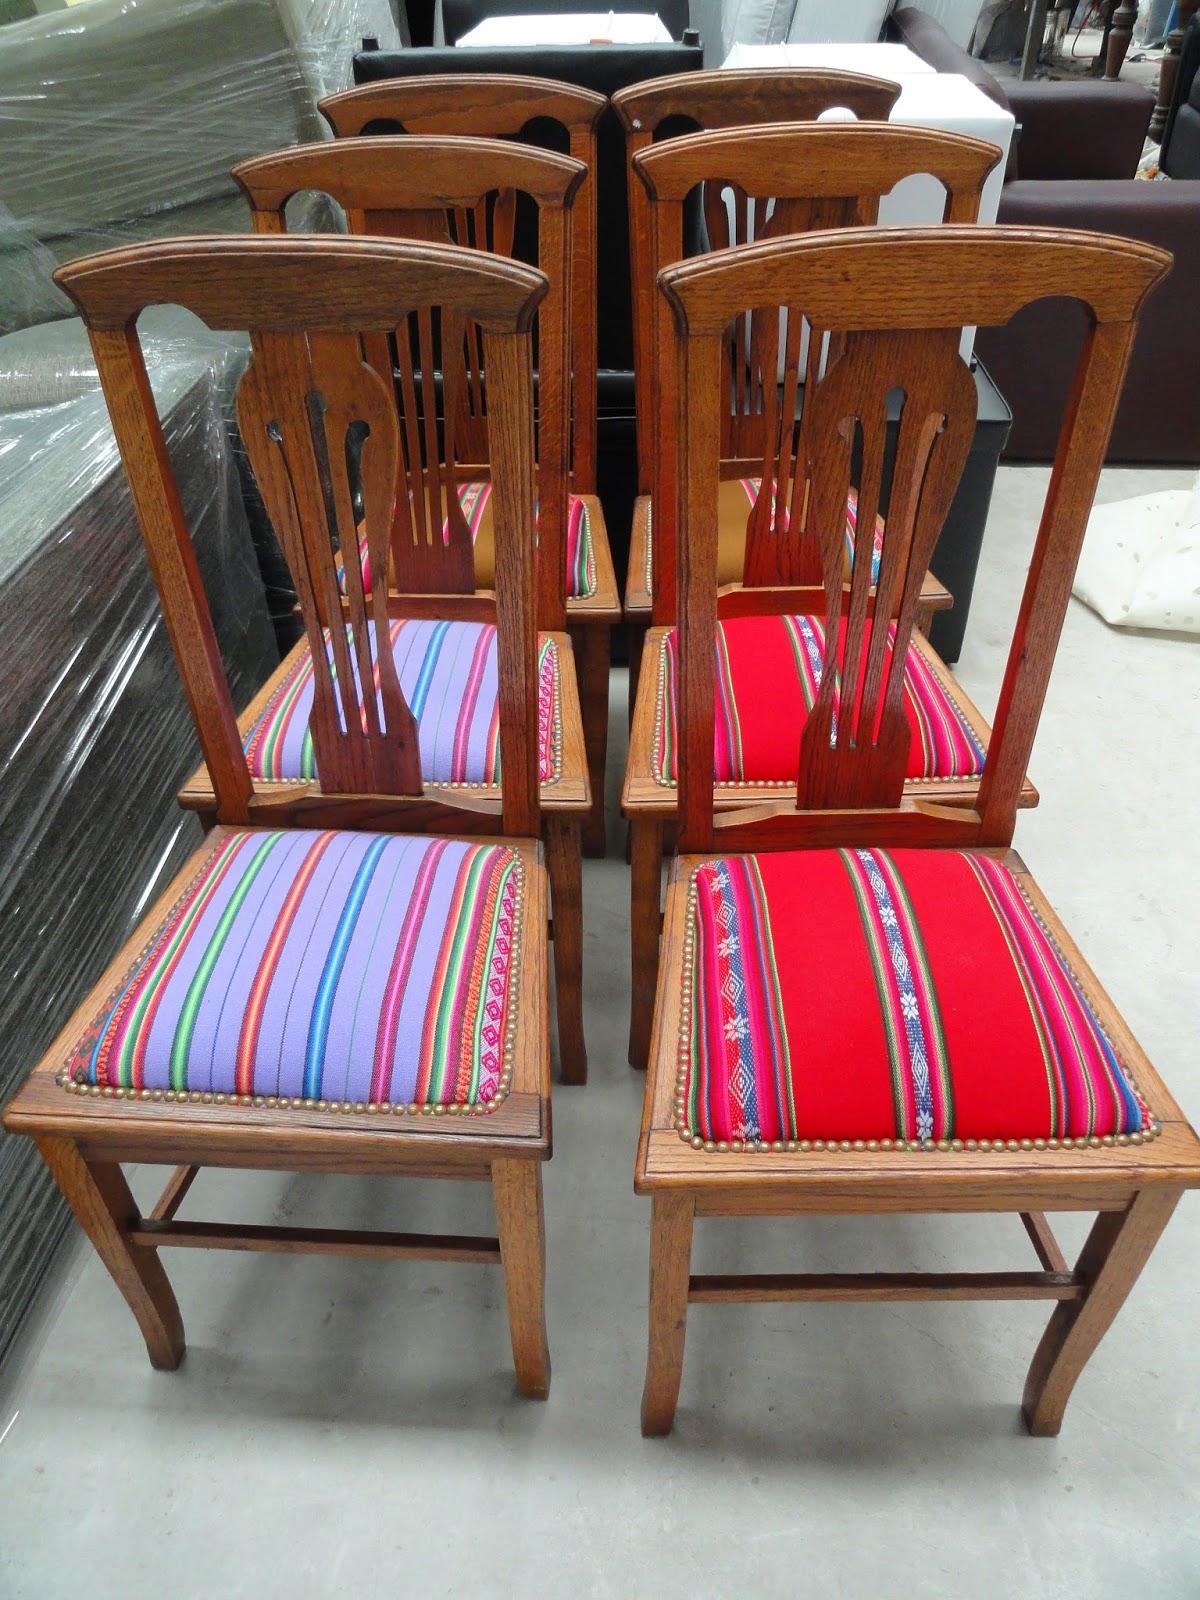 Bata muebles con ideas tapizados re tapizar o no re - Muebles para tapizar ...